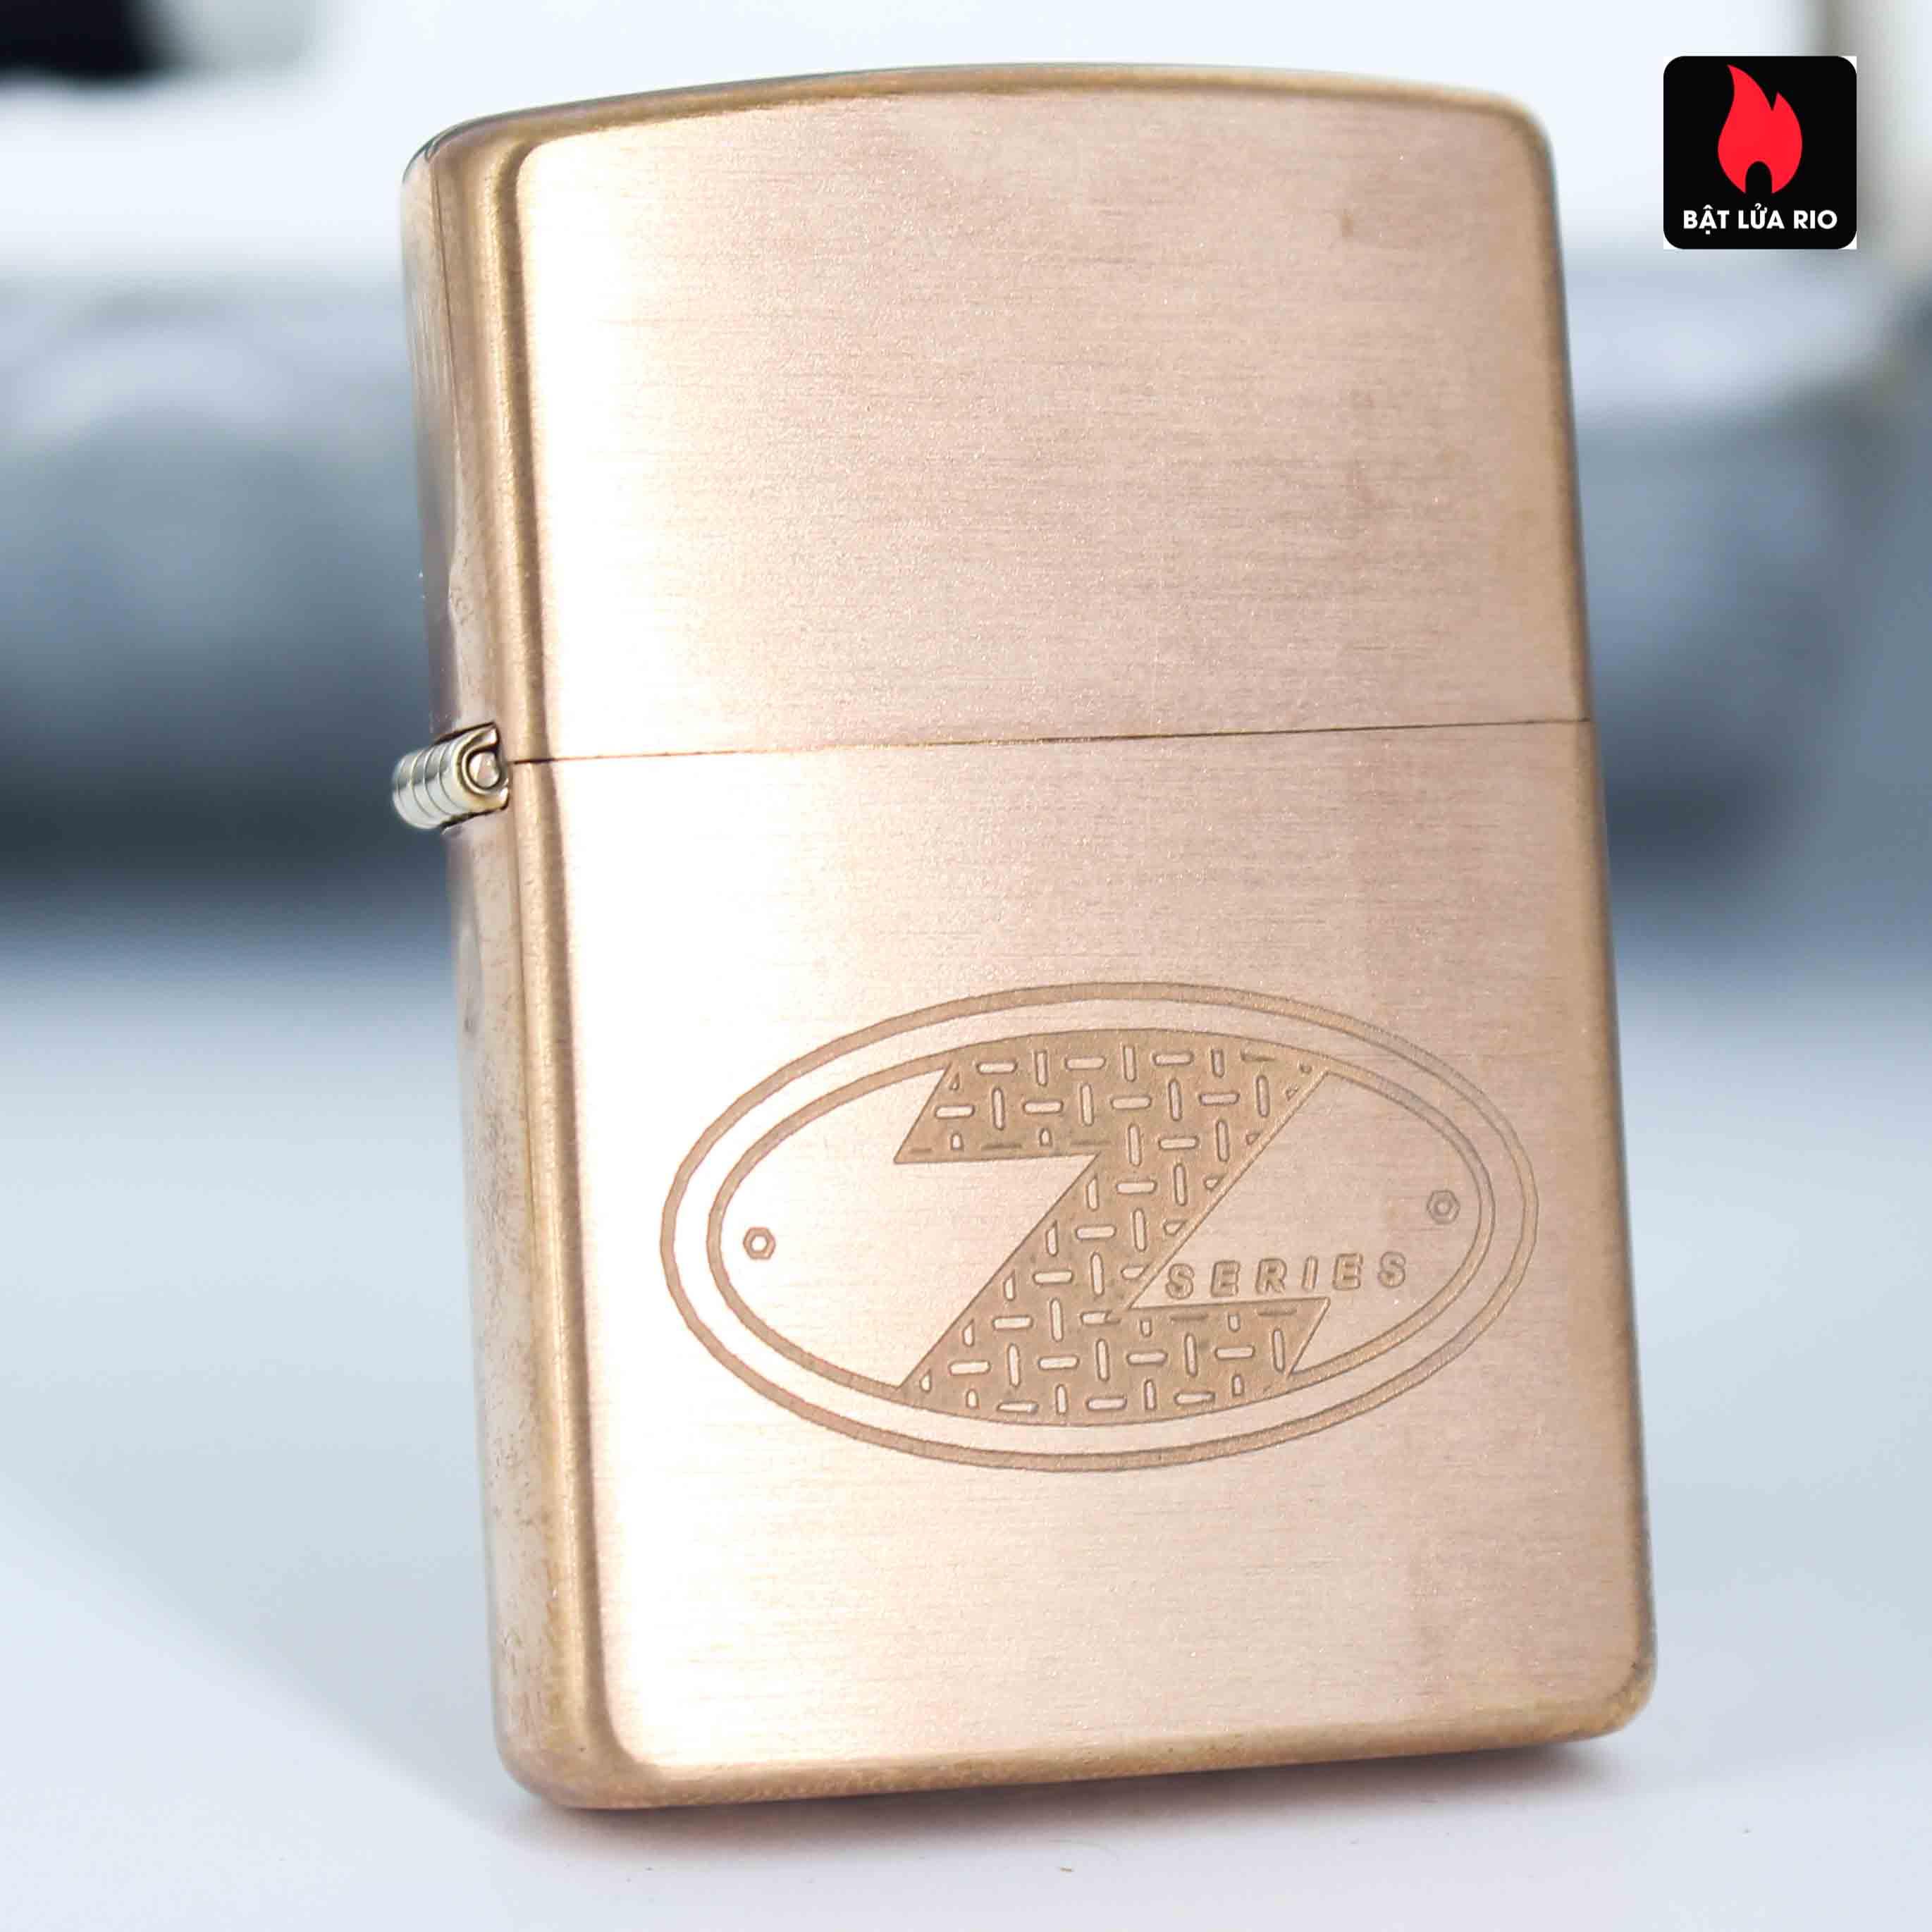 Zippo 2002 – Zippo Z-Series Copper Project – EU - Limited 1505/3646 E 2